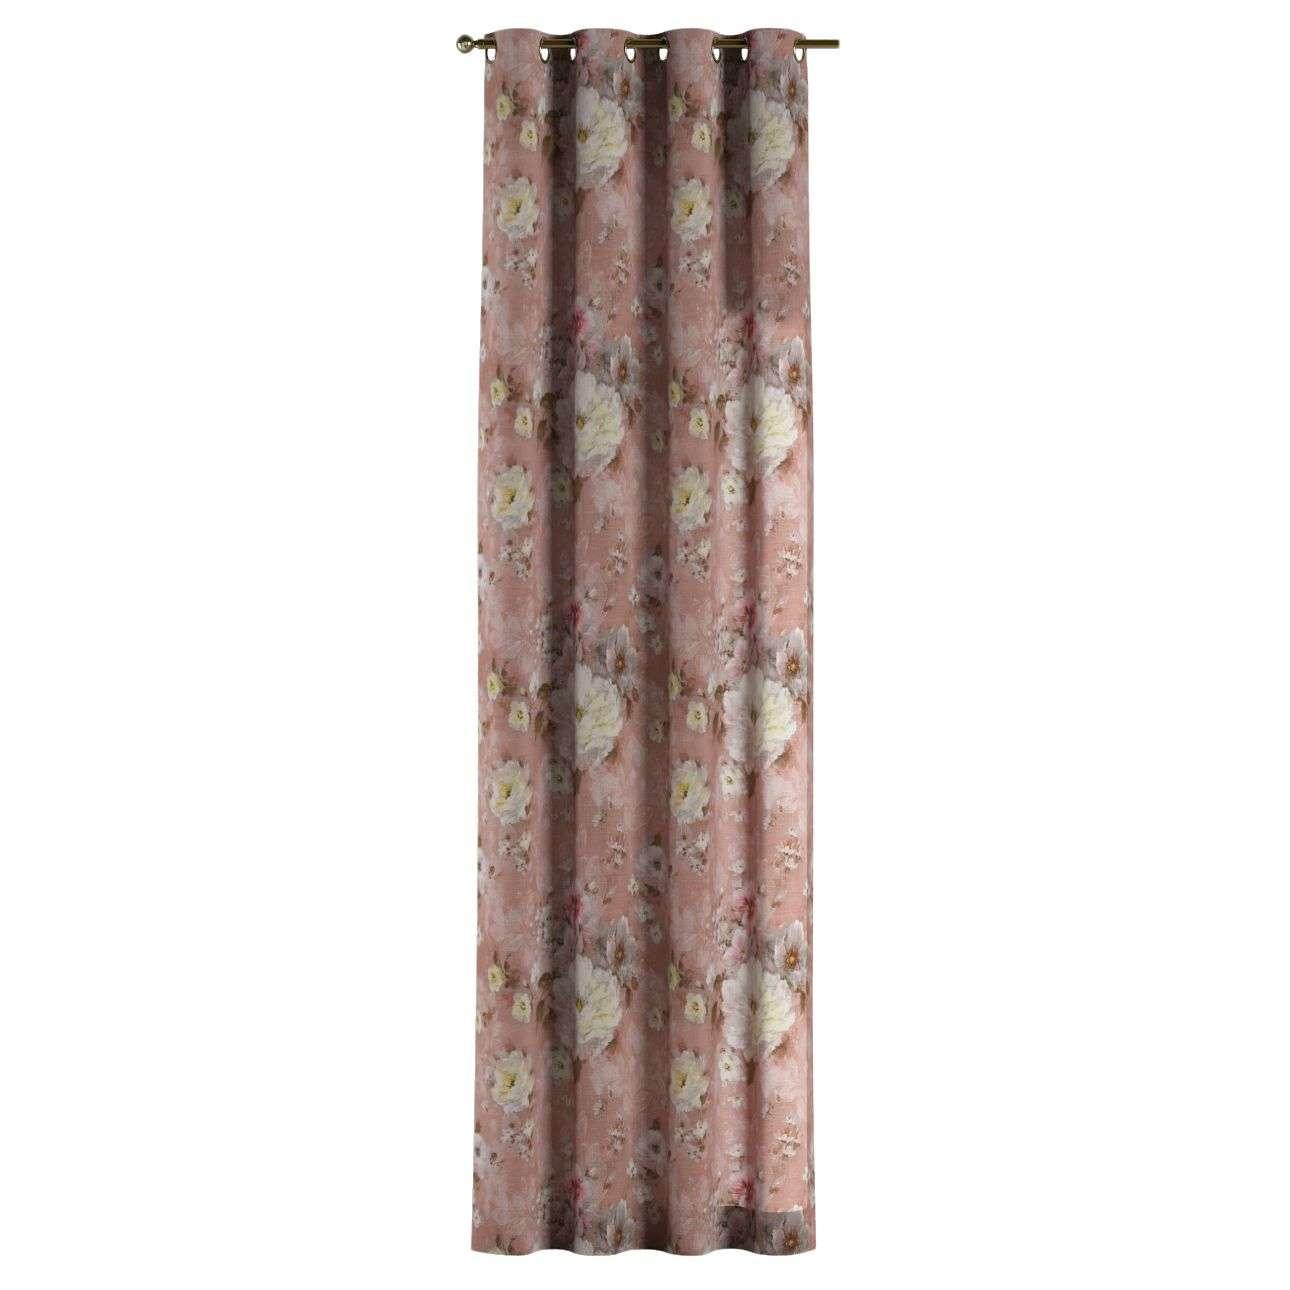 Žiedinio klostavimo užuolaidos 130 x 260 cm (plotis x ilgis) kolekcijoje Monet, audinys: 137-83